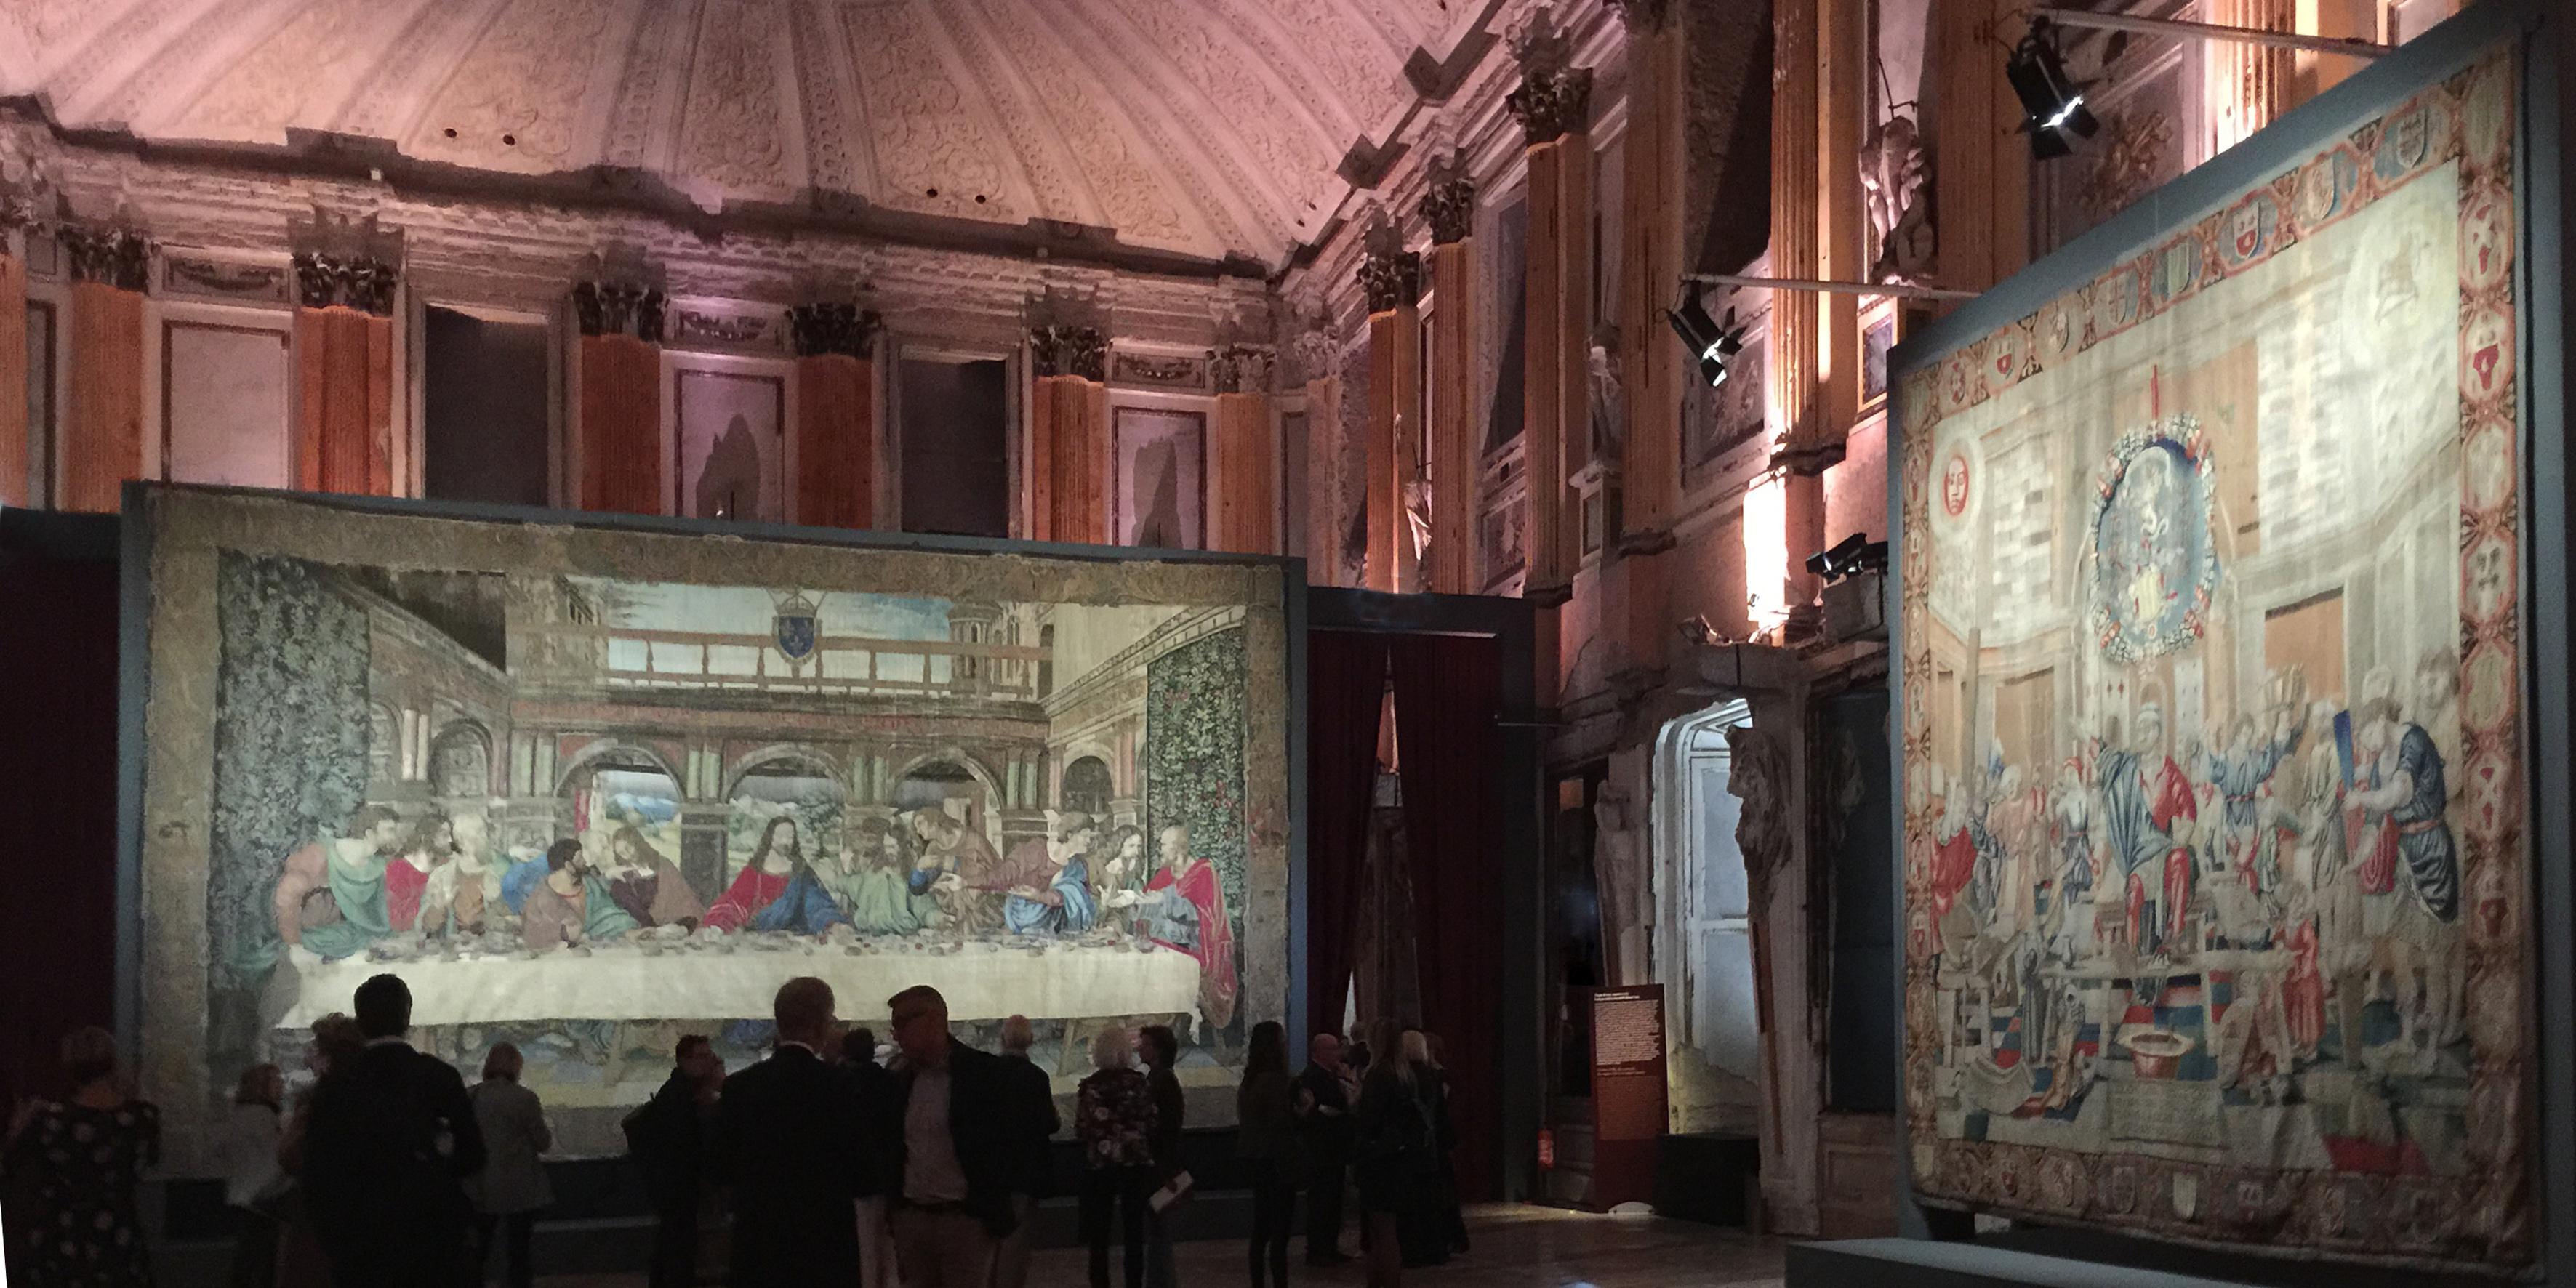 Nella sala delle Cariatidi, il Cenacolo in seta affiancato dall'arazzo coevo.